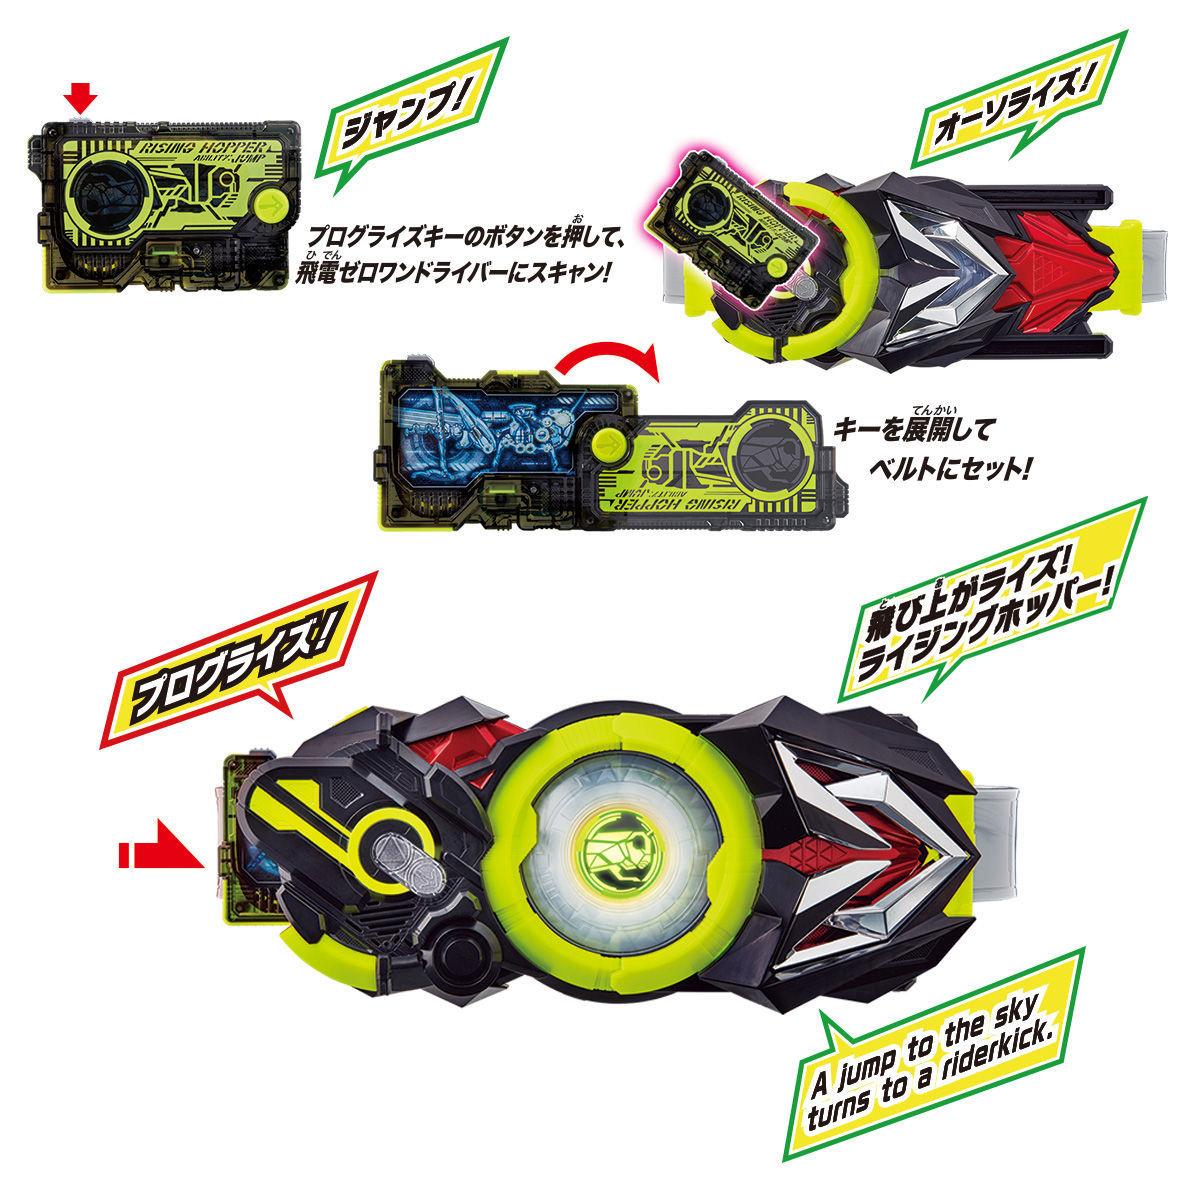 【先行抽選販売】仮面ライダーゼロワン『DX飛電ゼロワンドライバー』変身ベルト-006